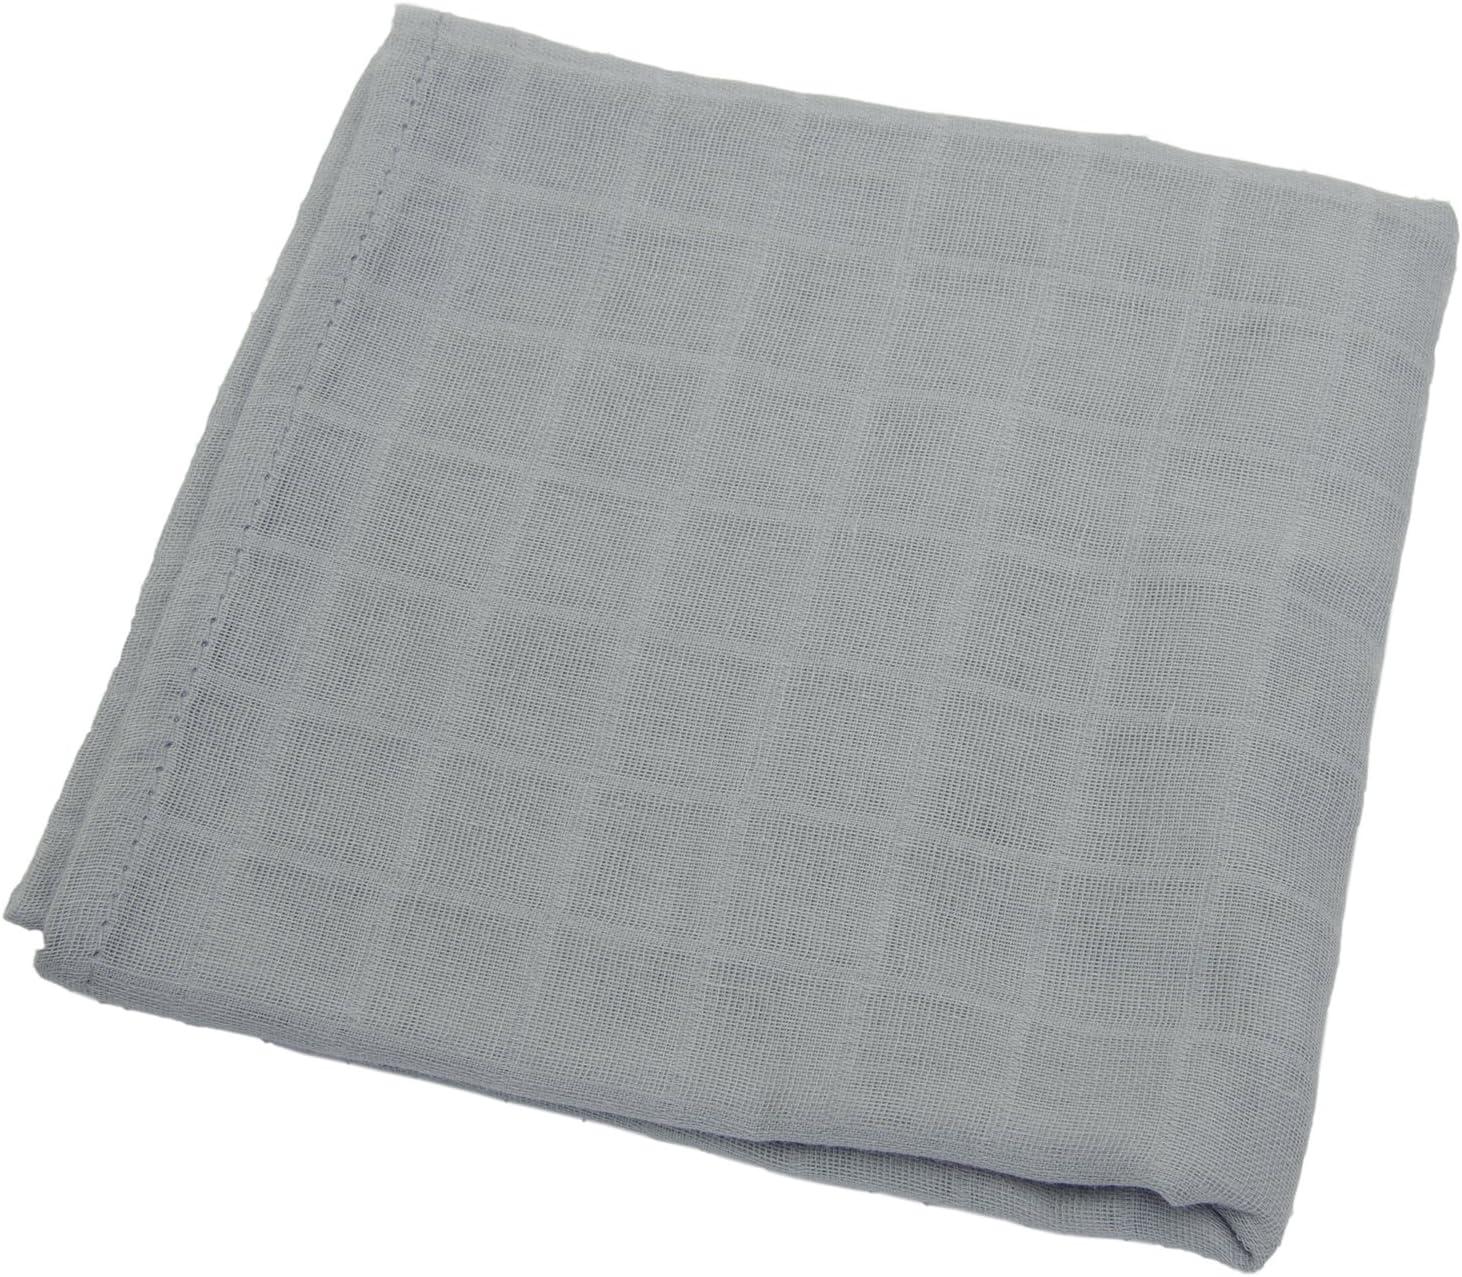 couverture pour b/éb/é Swaddle stratifi/ées grand format 68 x 68 cm Sensio b/éb/é: Lot de 3 x doux 100/% coton Premium en mousseline b/éb/é Swaddle couvertures unisexe Mousseline